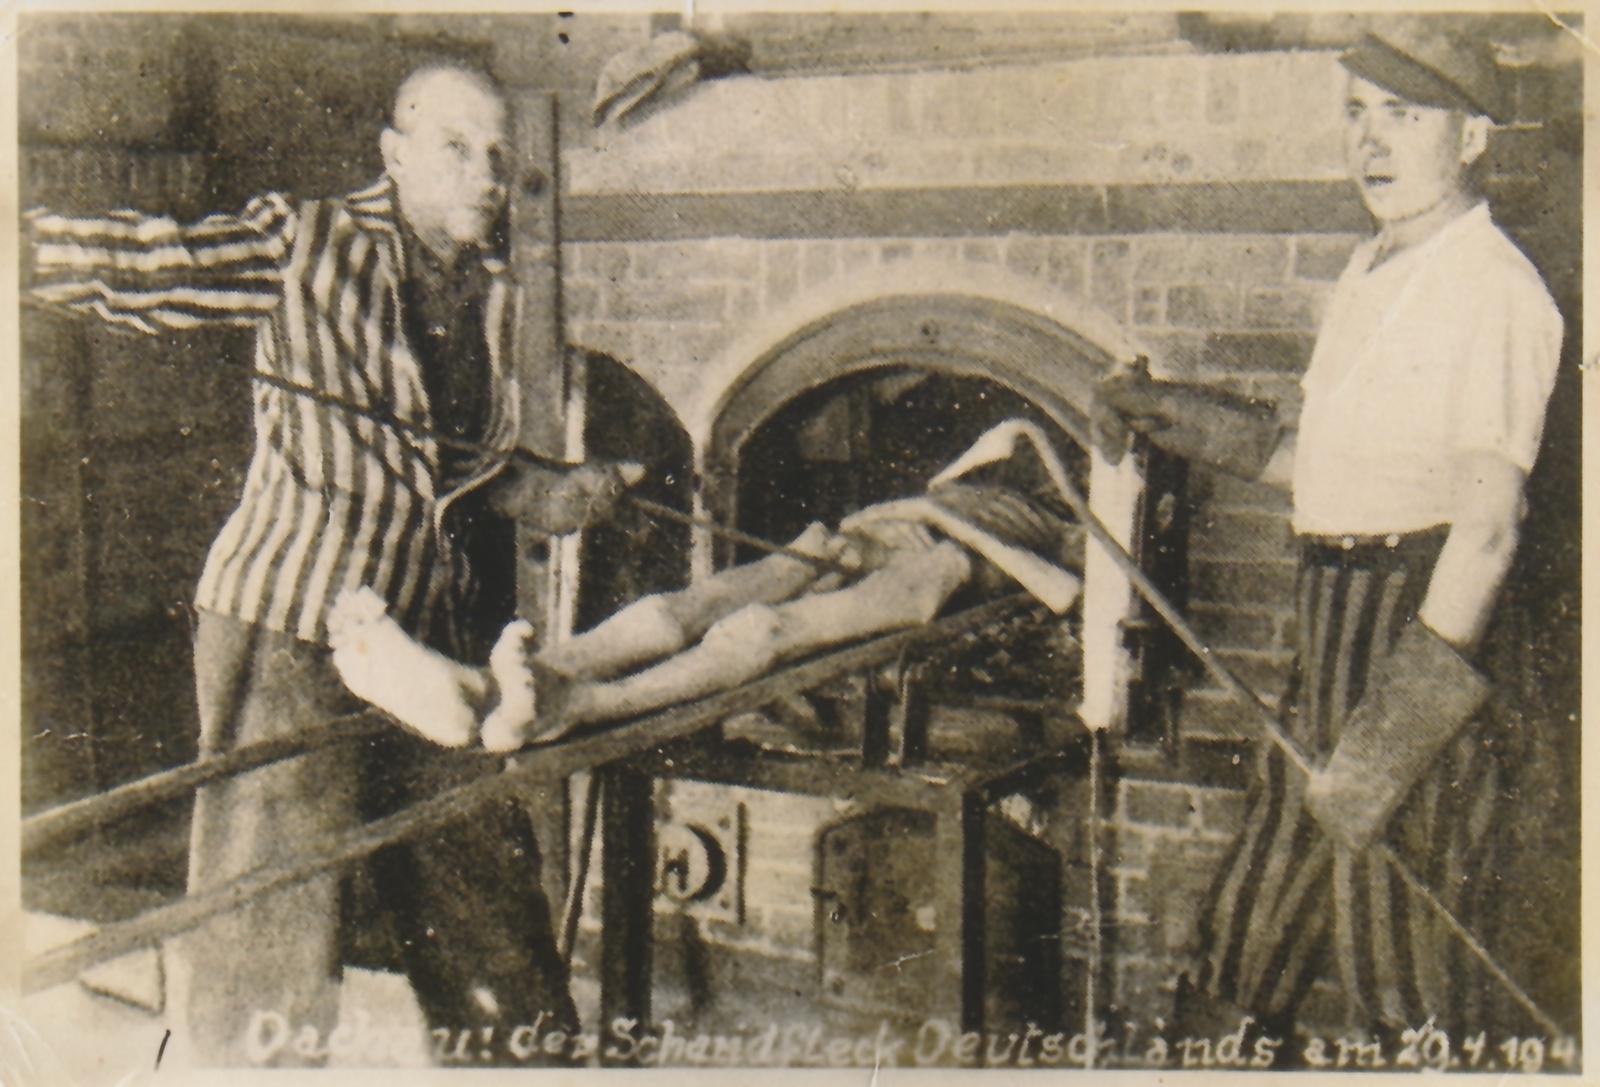 Fångarna i lägren fick själva tjänstgöra vid krematorierna. Som belöning fick de mer mat.